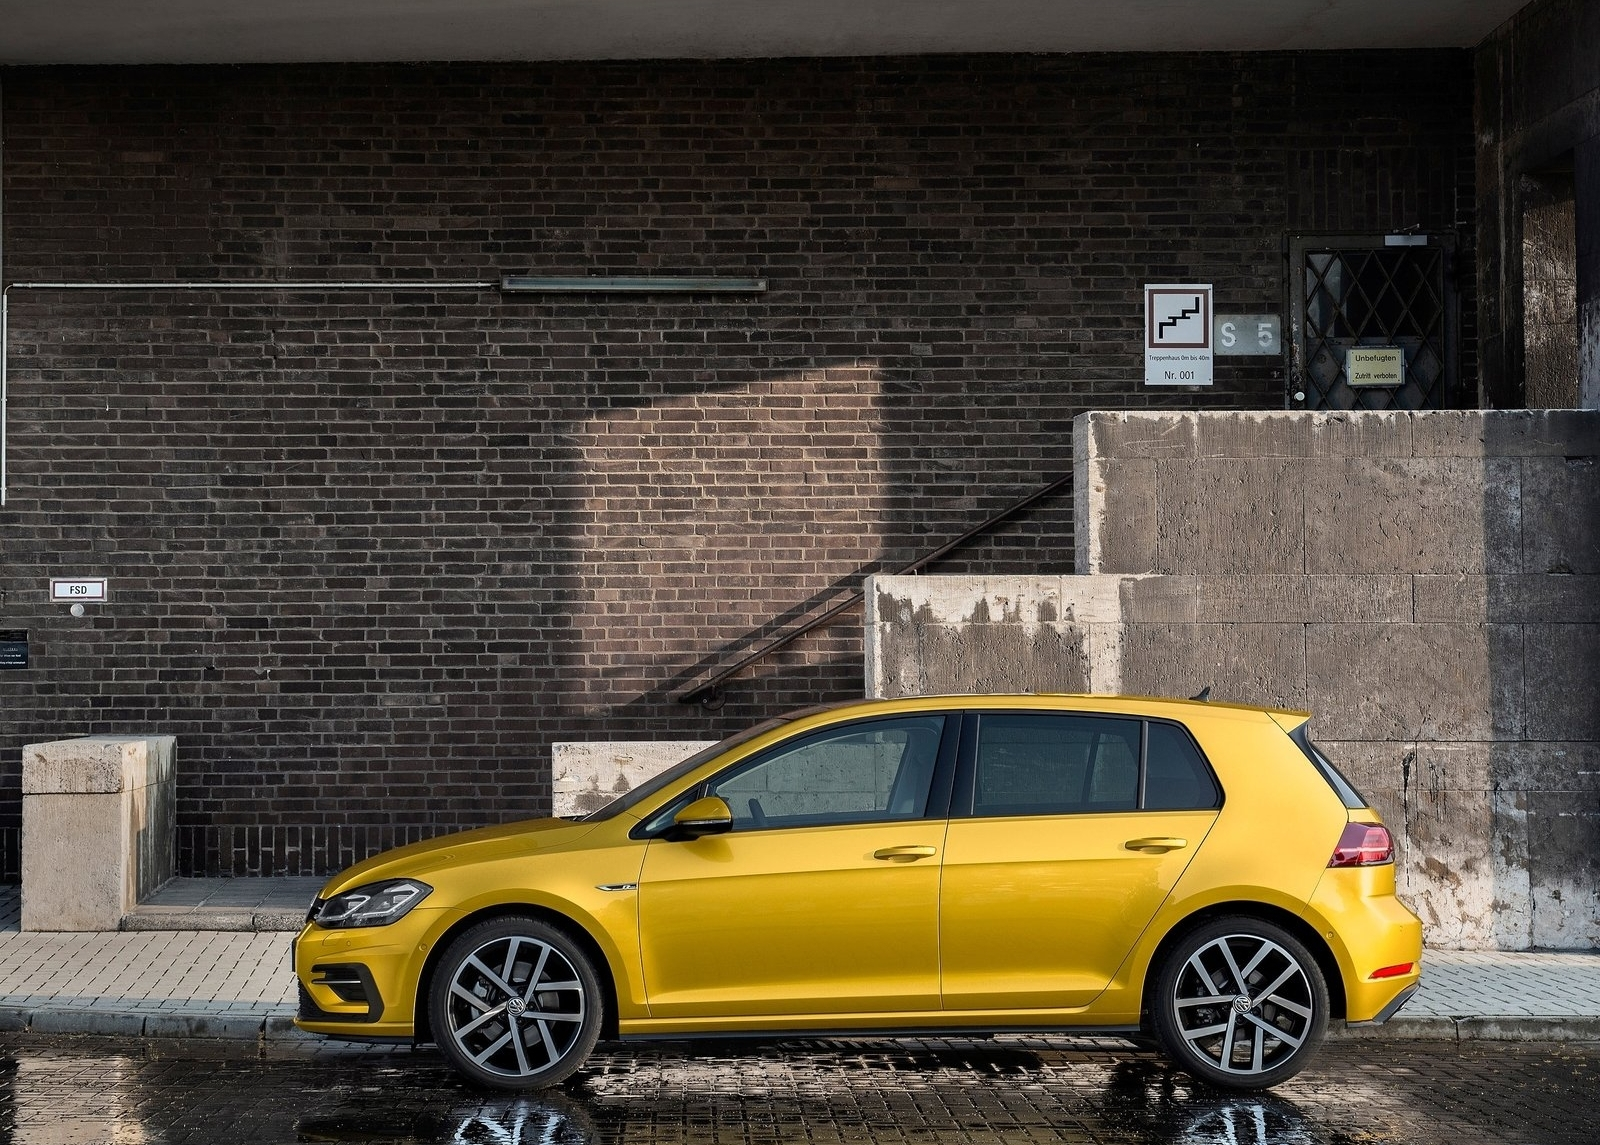 У европейских дилеров Volkswagen модель Golf VII 2017 появится ближе к весне следующего года